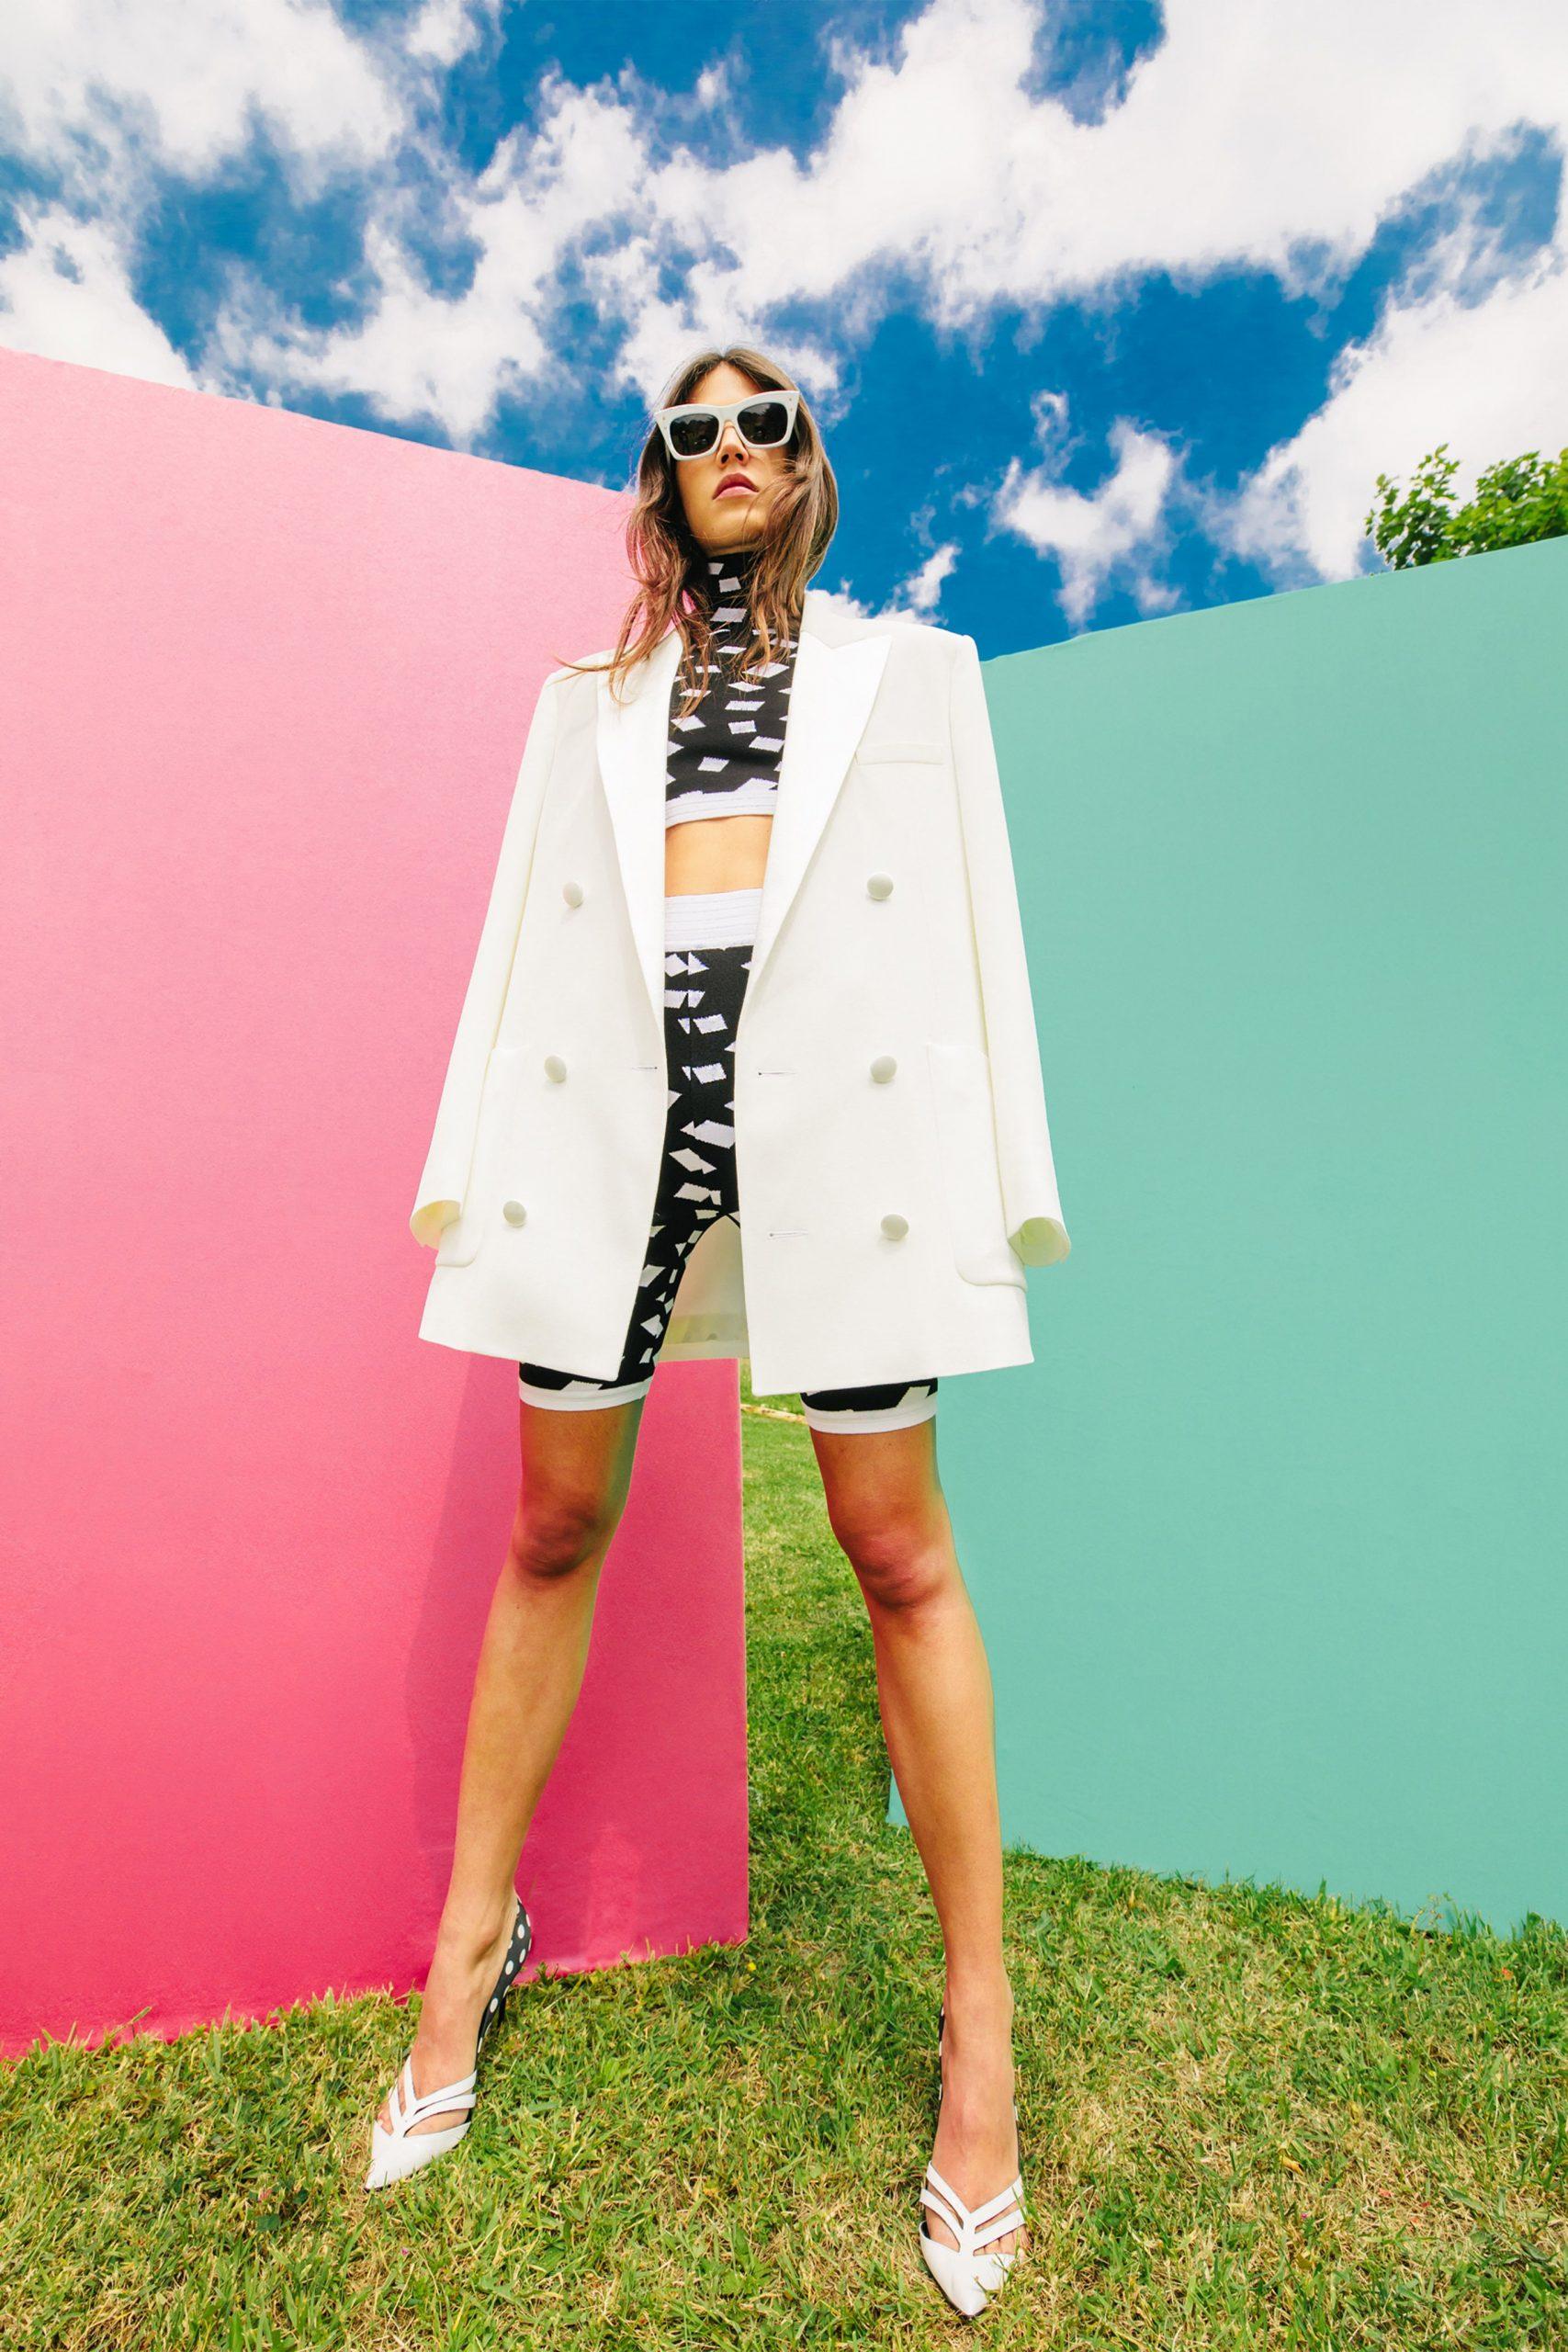 Balmain Resort 2021 Fashion Collection Photos